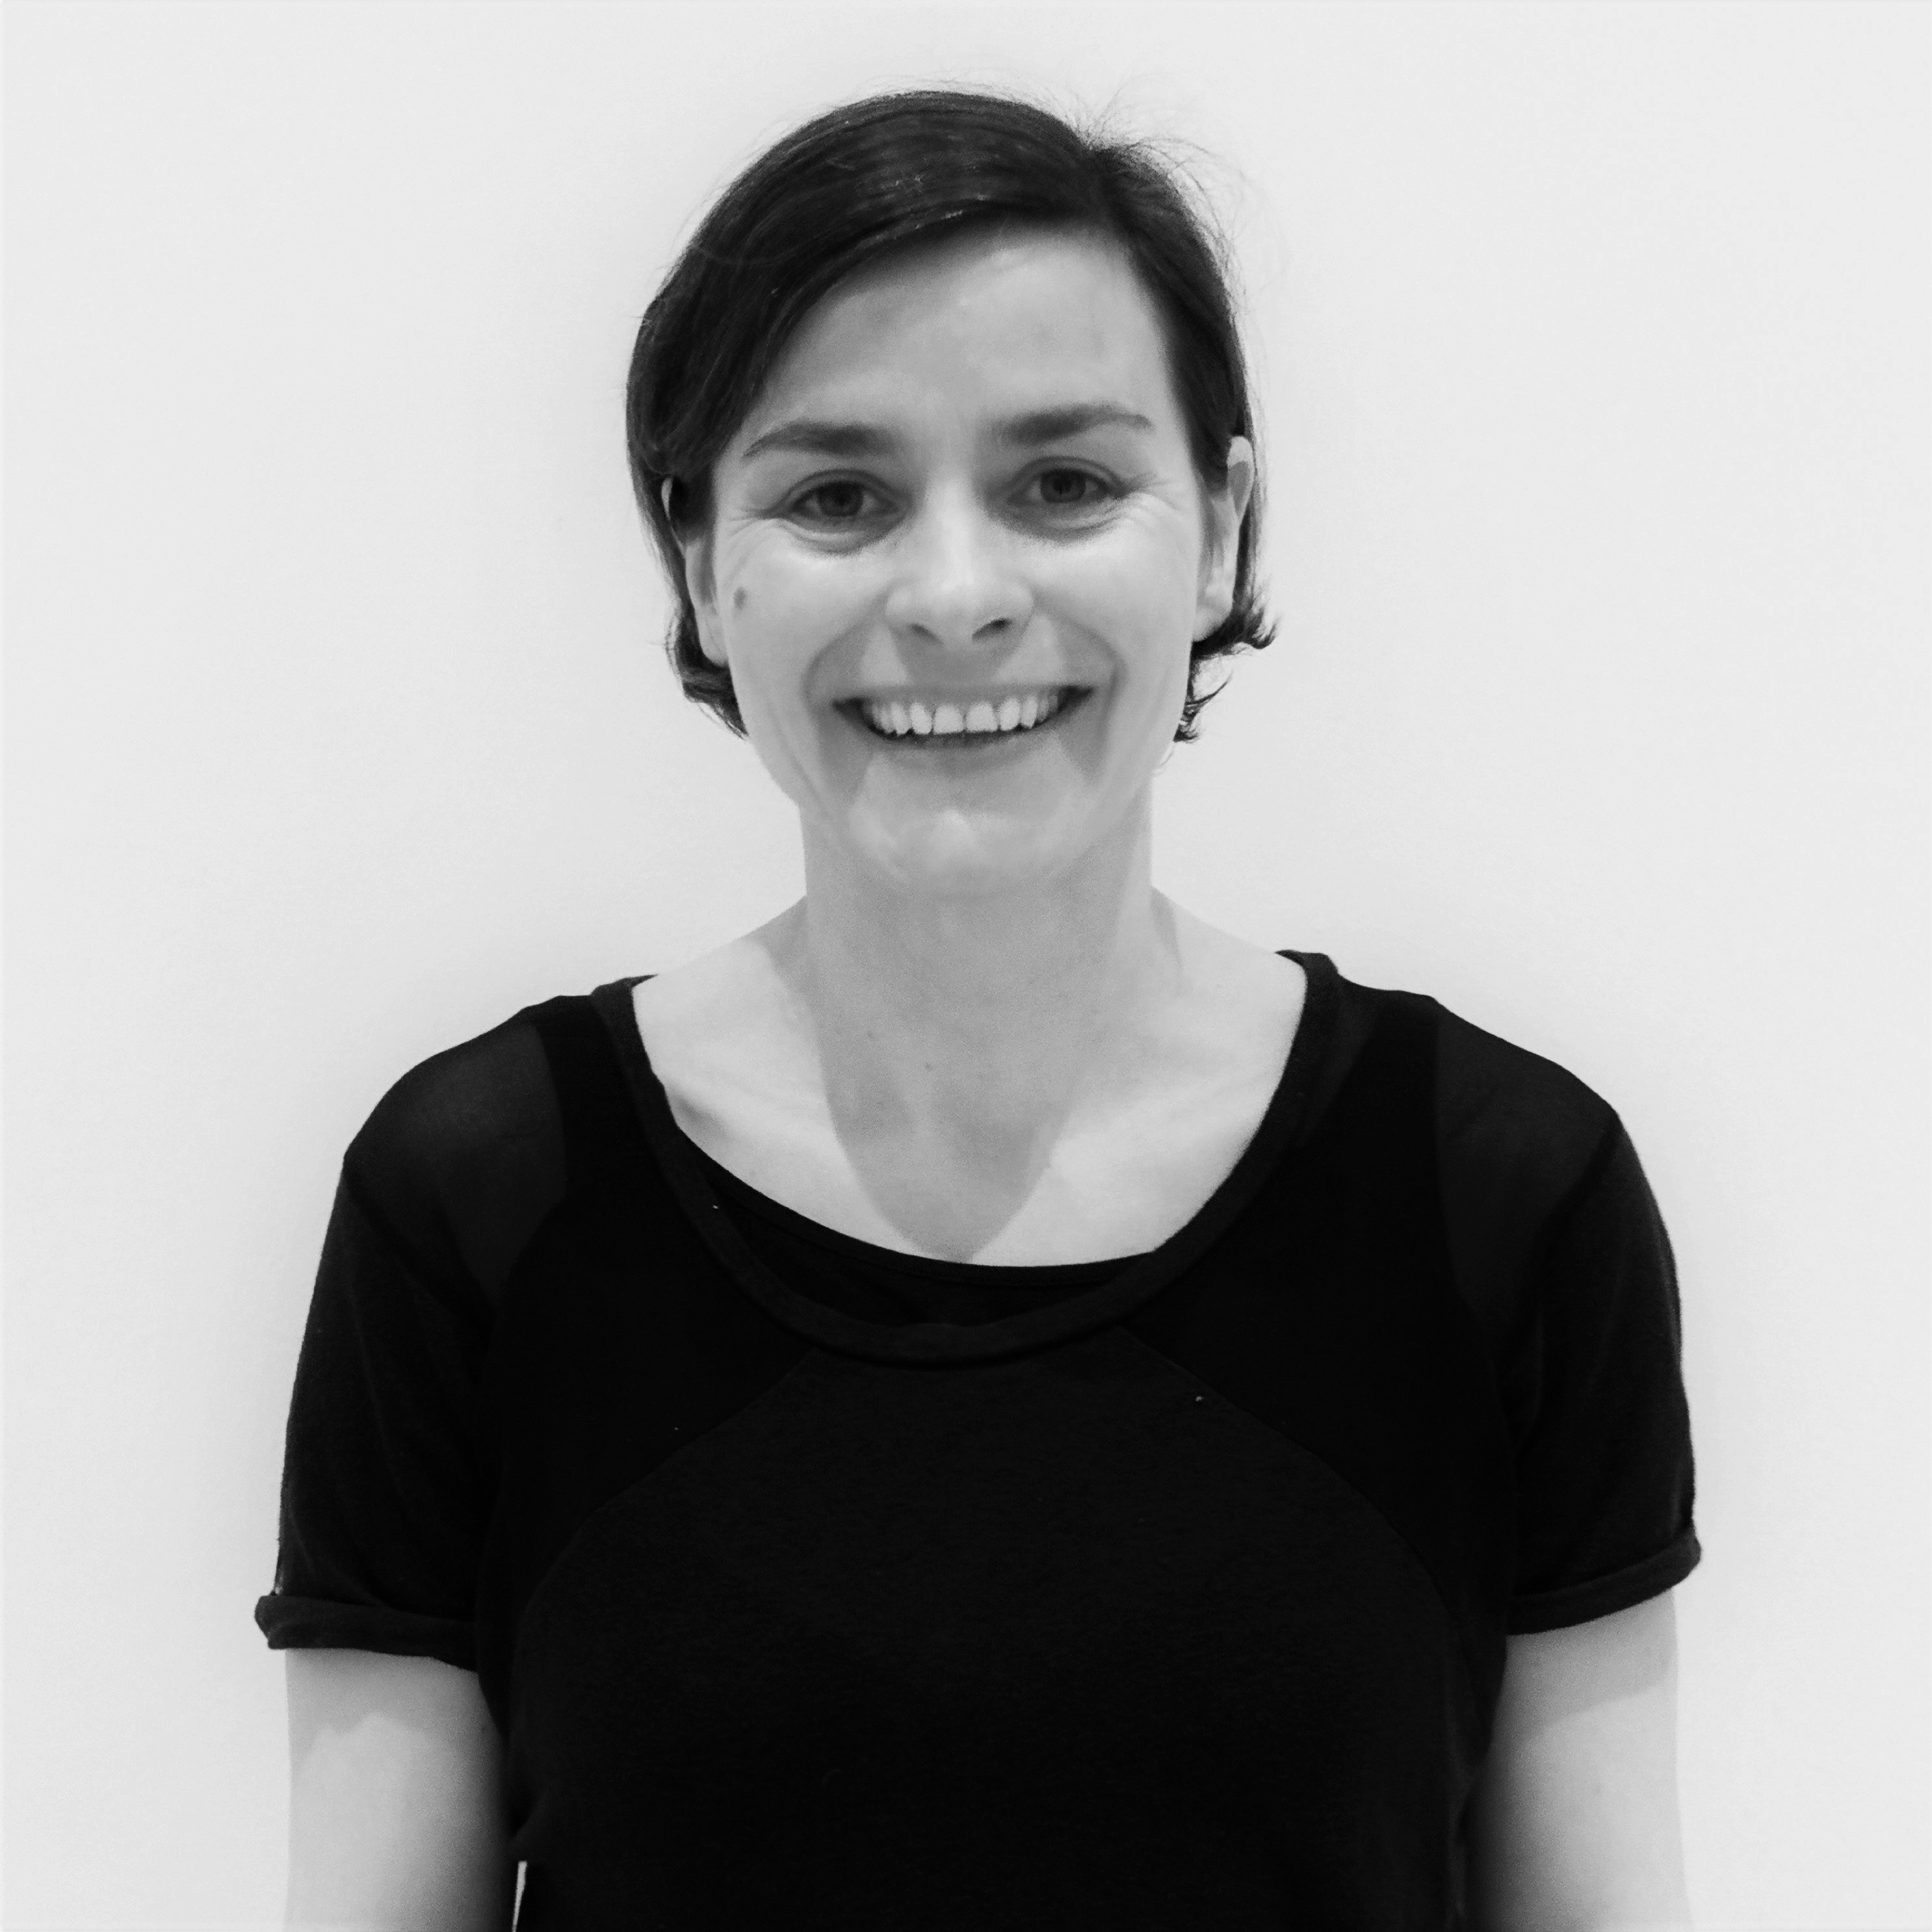 Anna McLauchlan